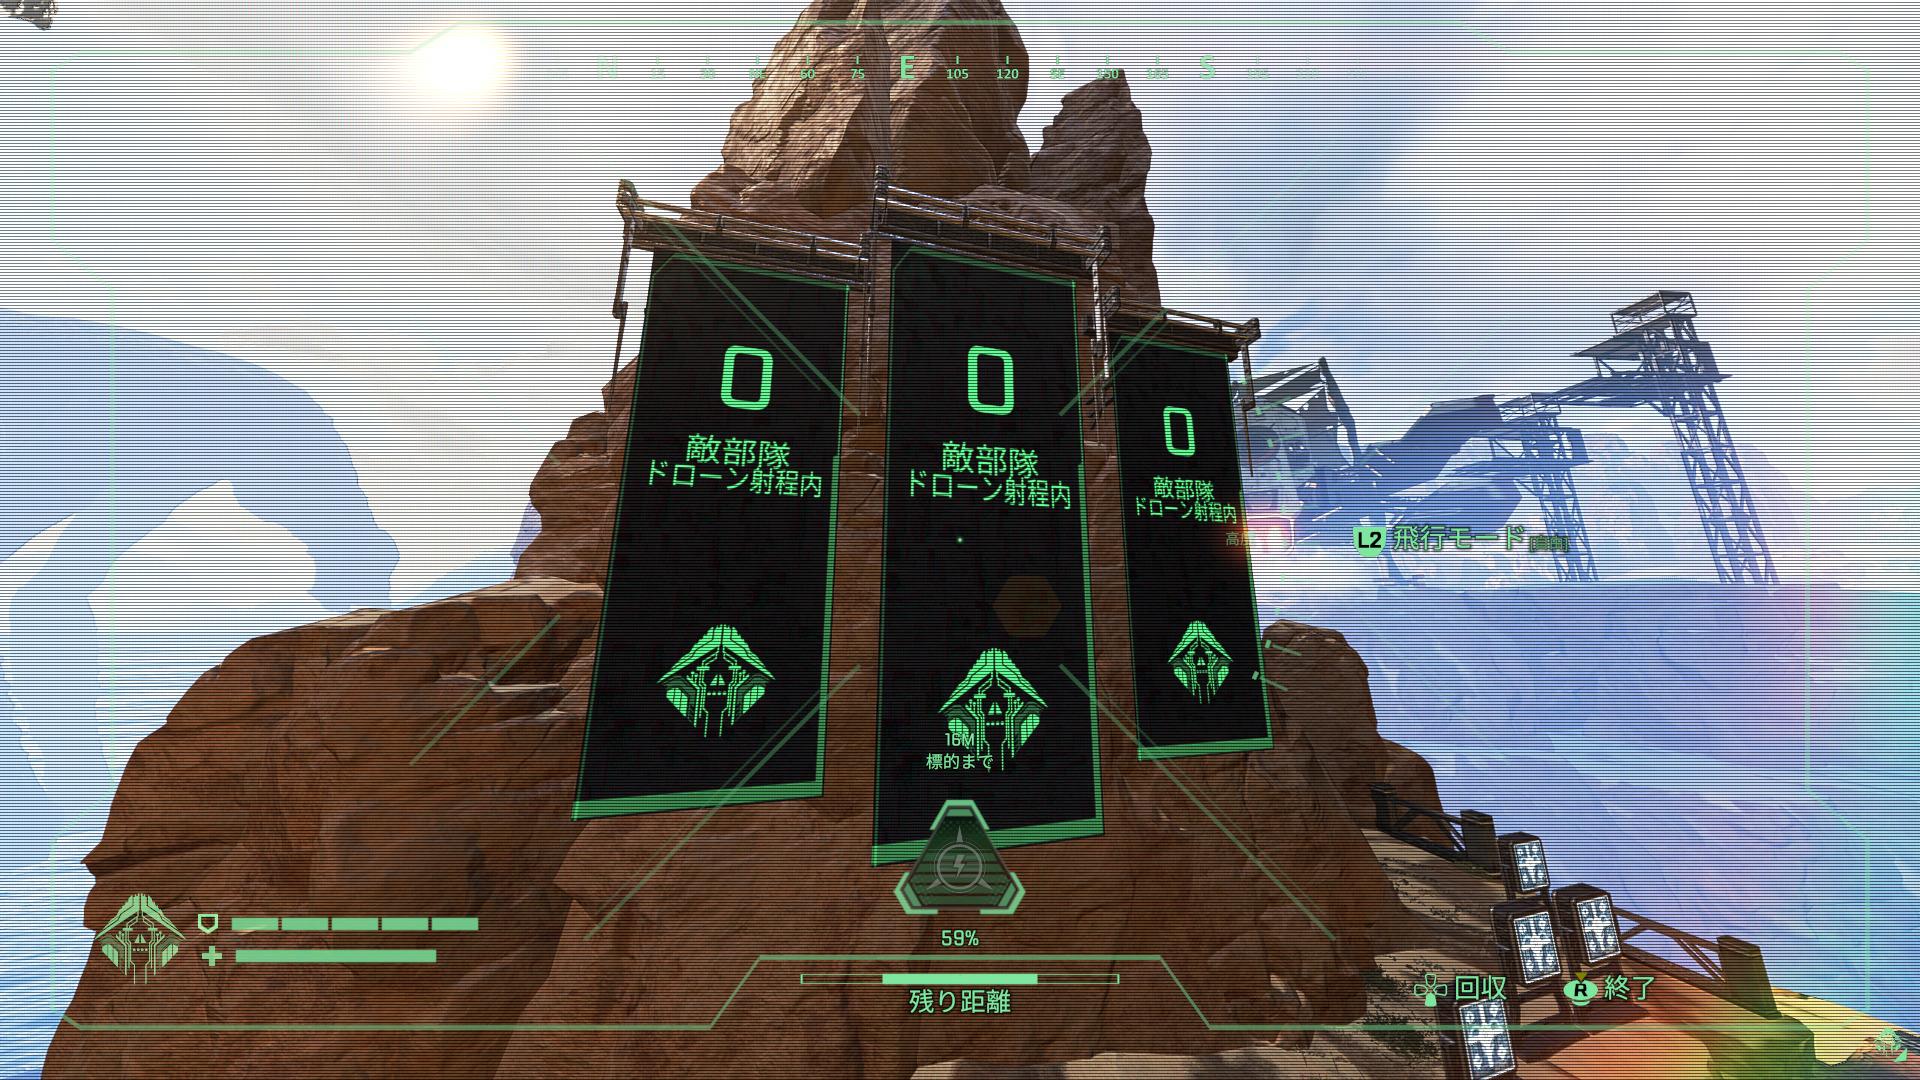 【APEX LEGENDS】クリプトで周辺部隊数を確認する方法